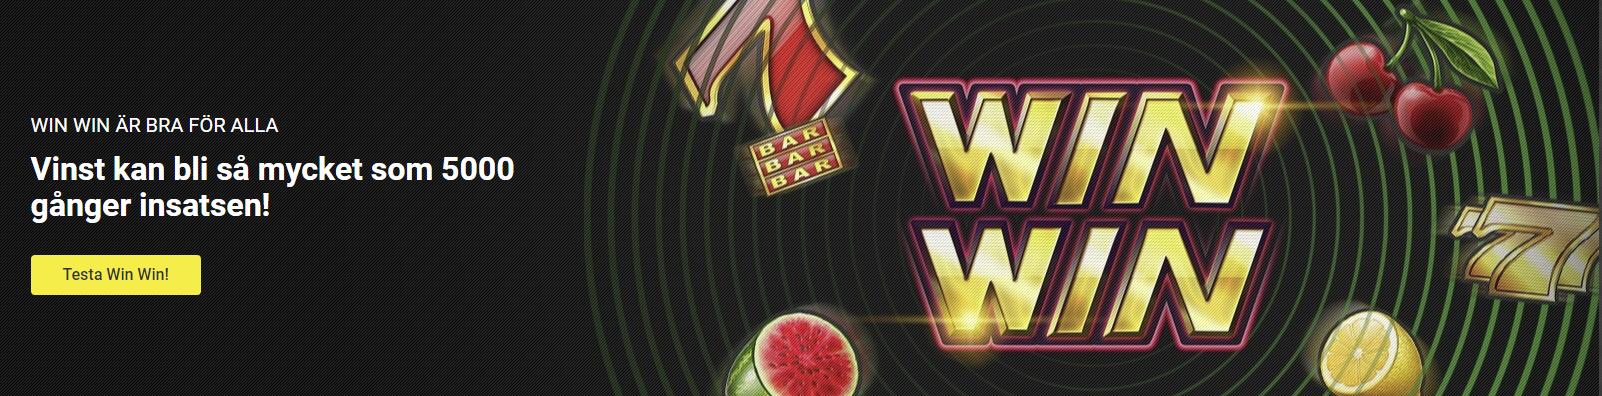 Unibet vinstboost - chans att vinna upp till 5000 gånger insatsen Win Win